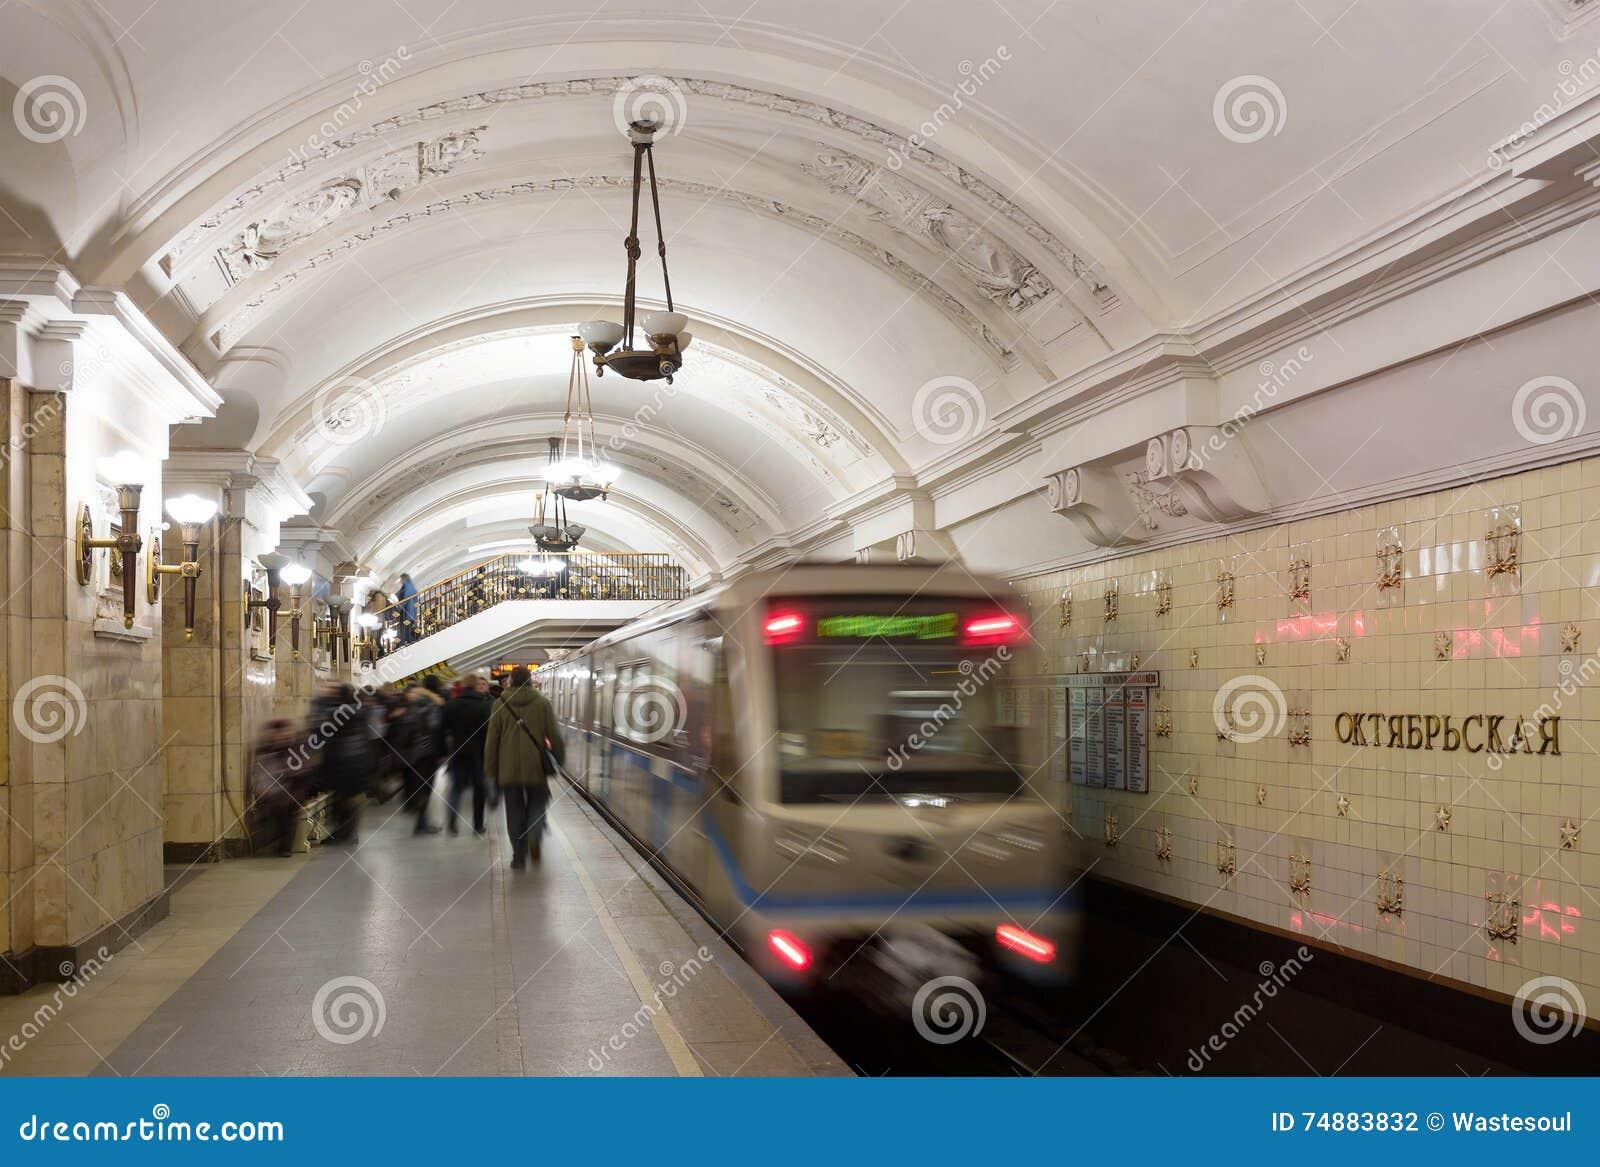 Estação de metro de Oktyabrskaya